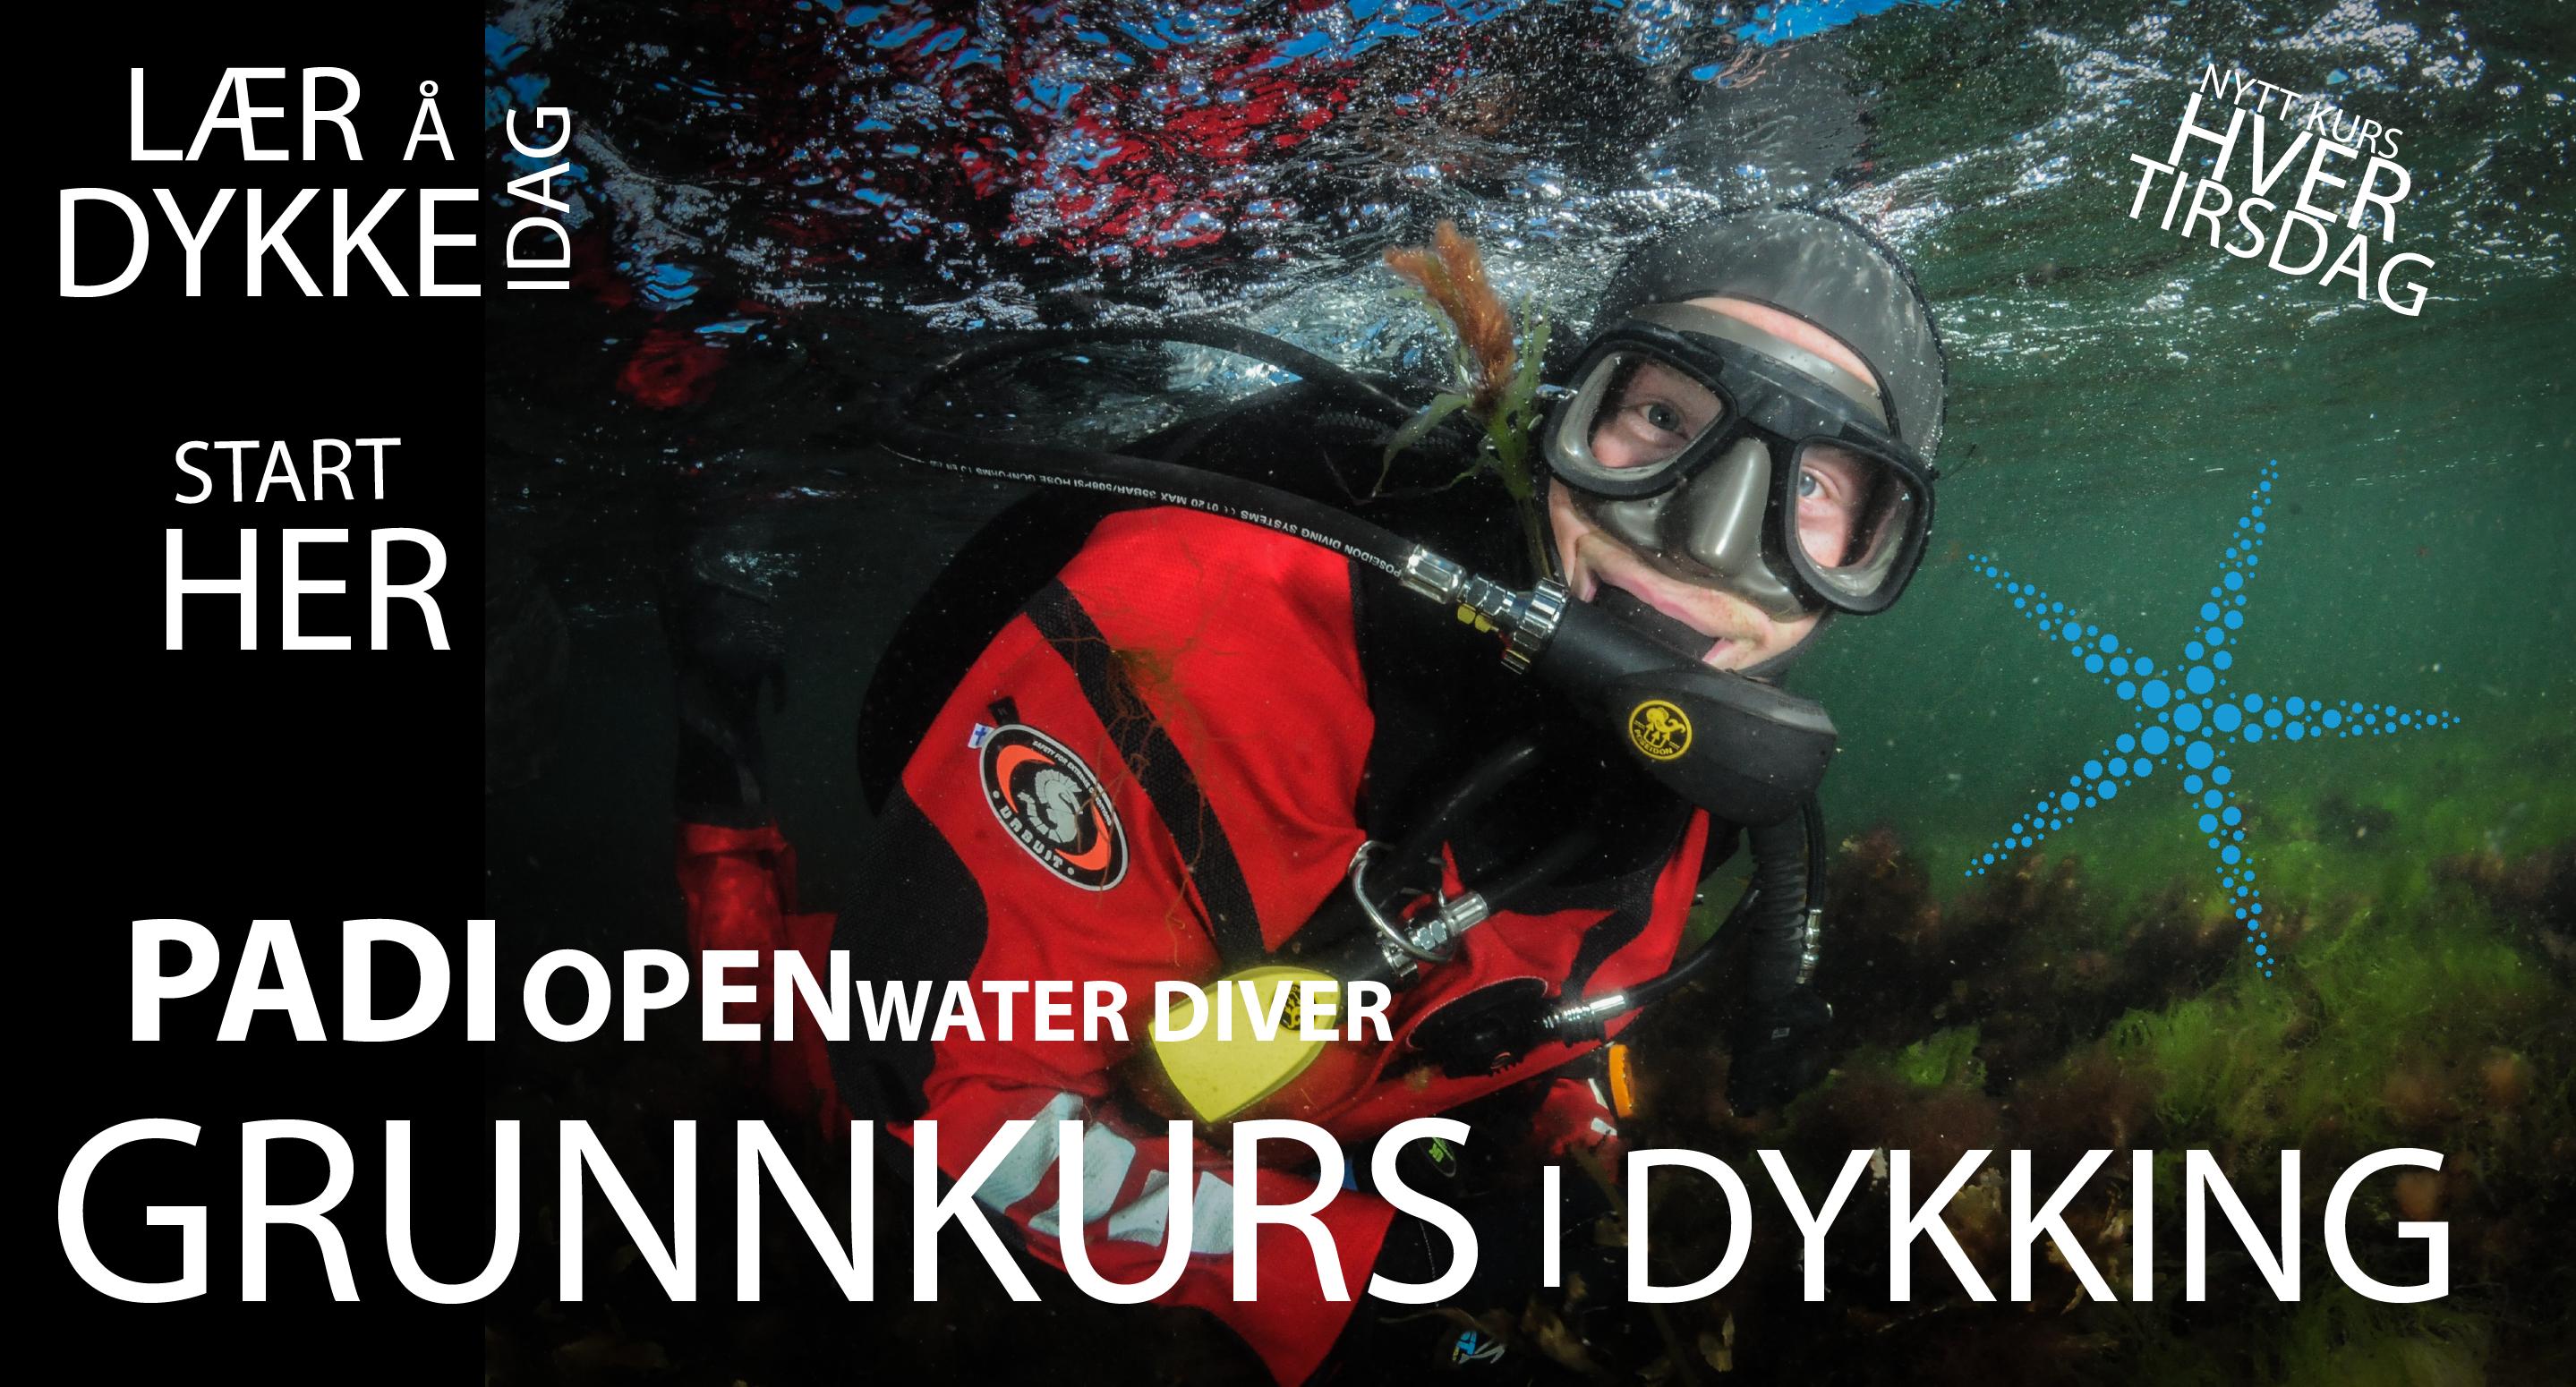 PADI Open Water - Grunnkurs Dykking